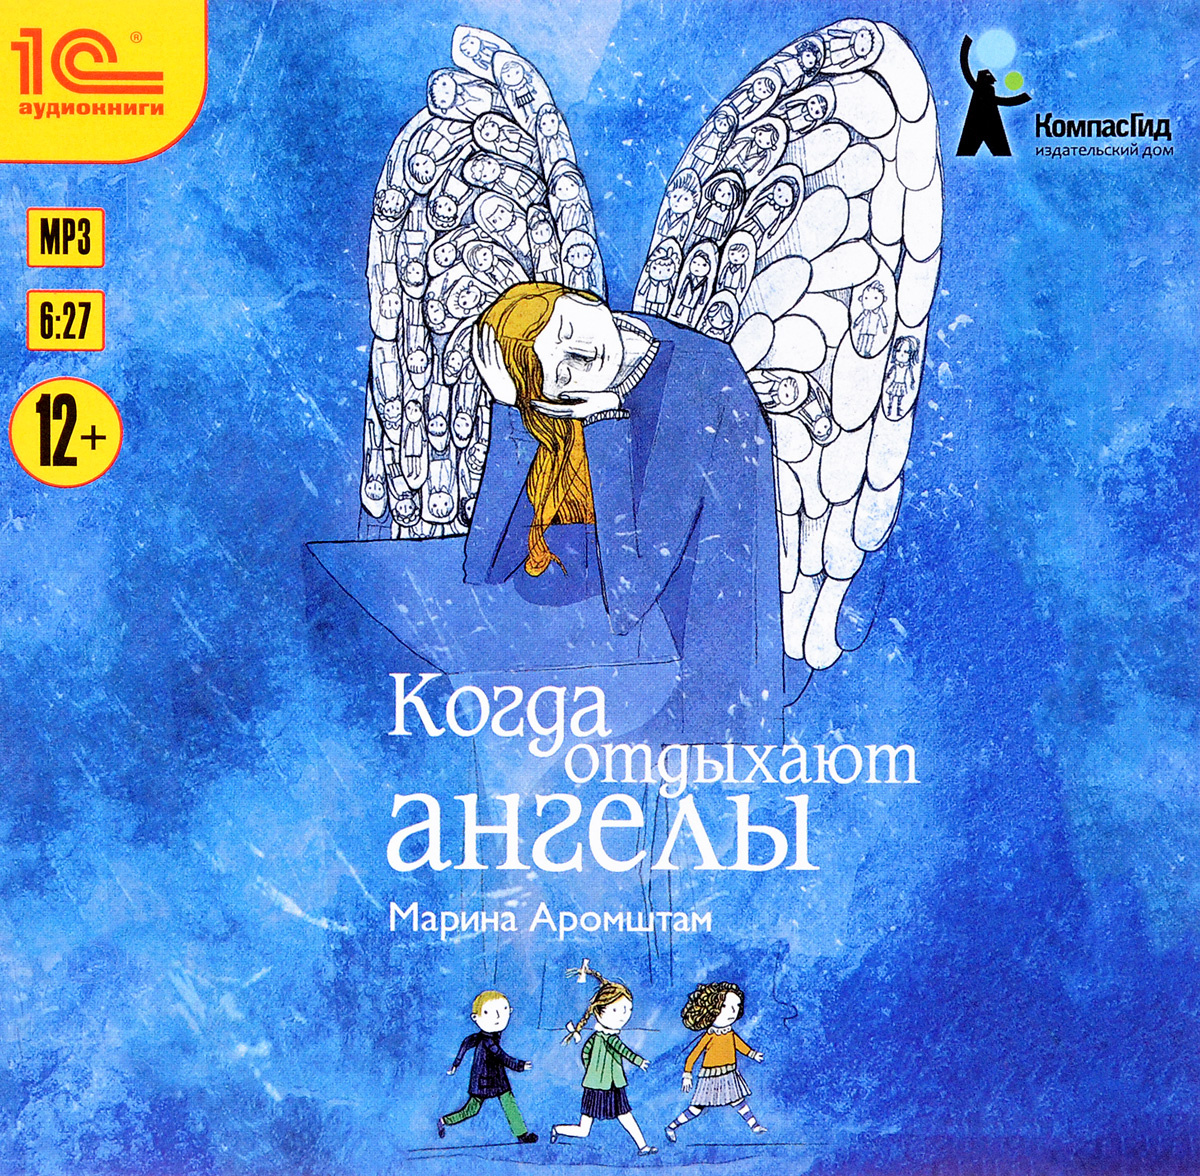 Когда отдыхают ангелы (аудиокнига на CD) #1